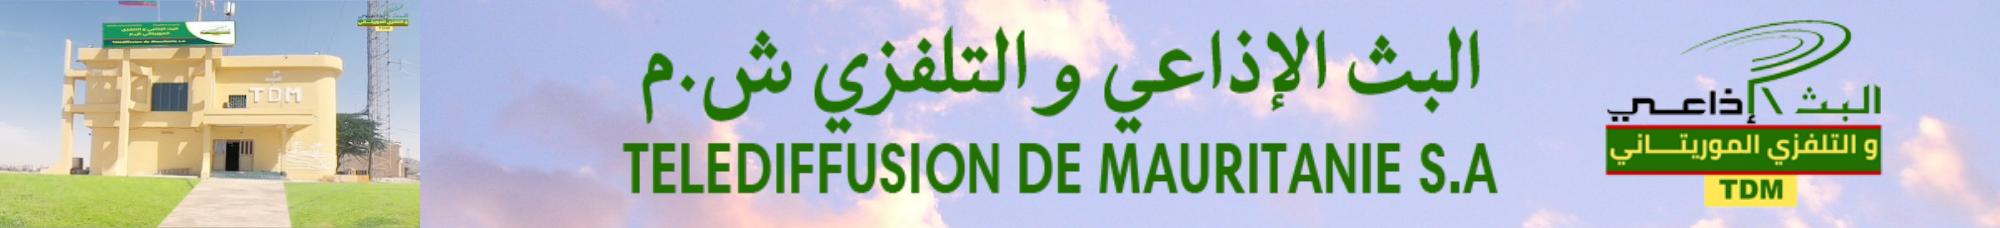 البث الإذاعي والتلفزي الموريتاني ش.م.